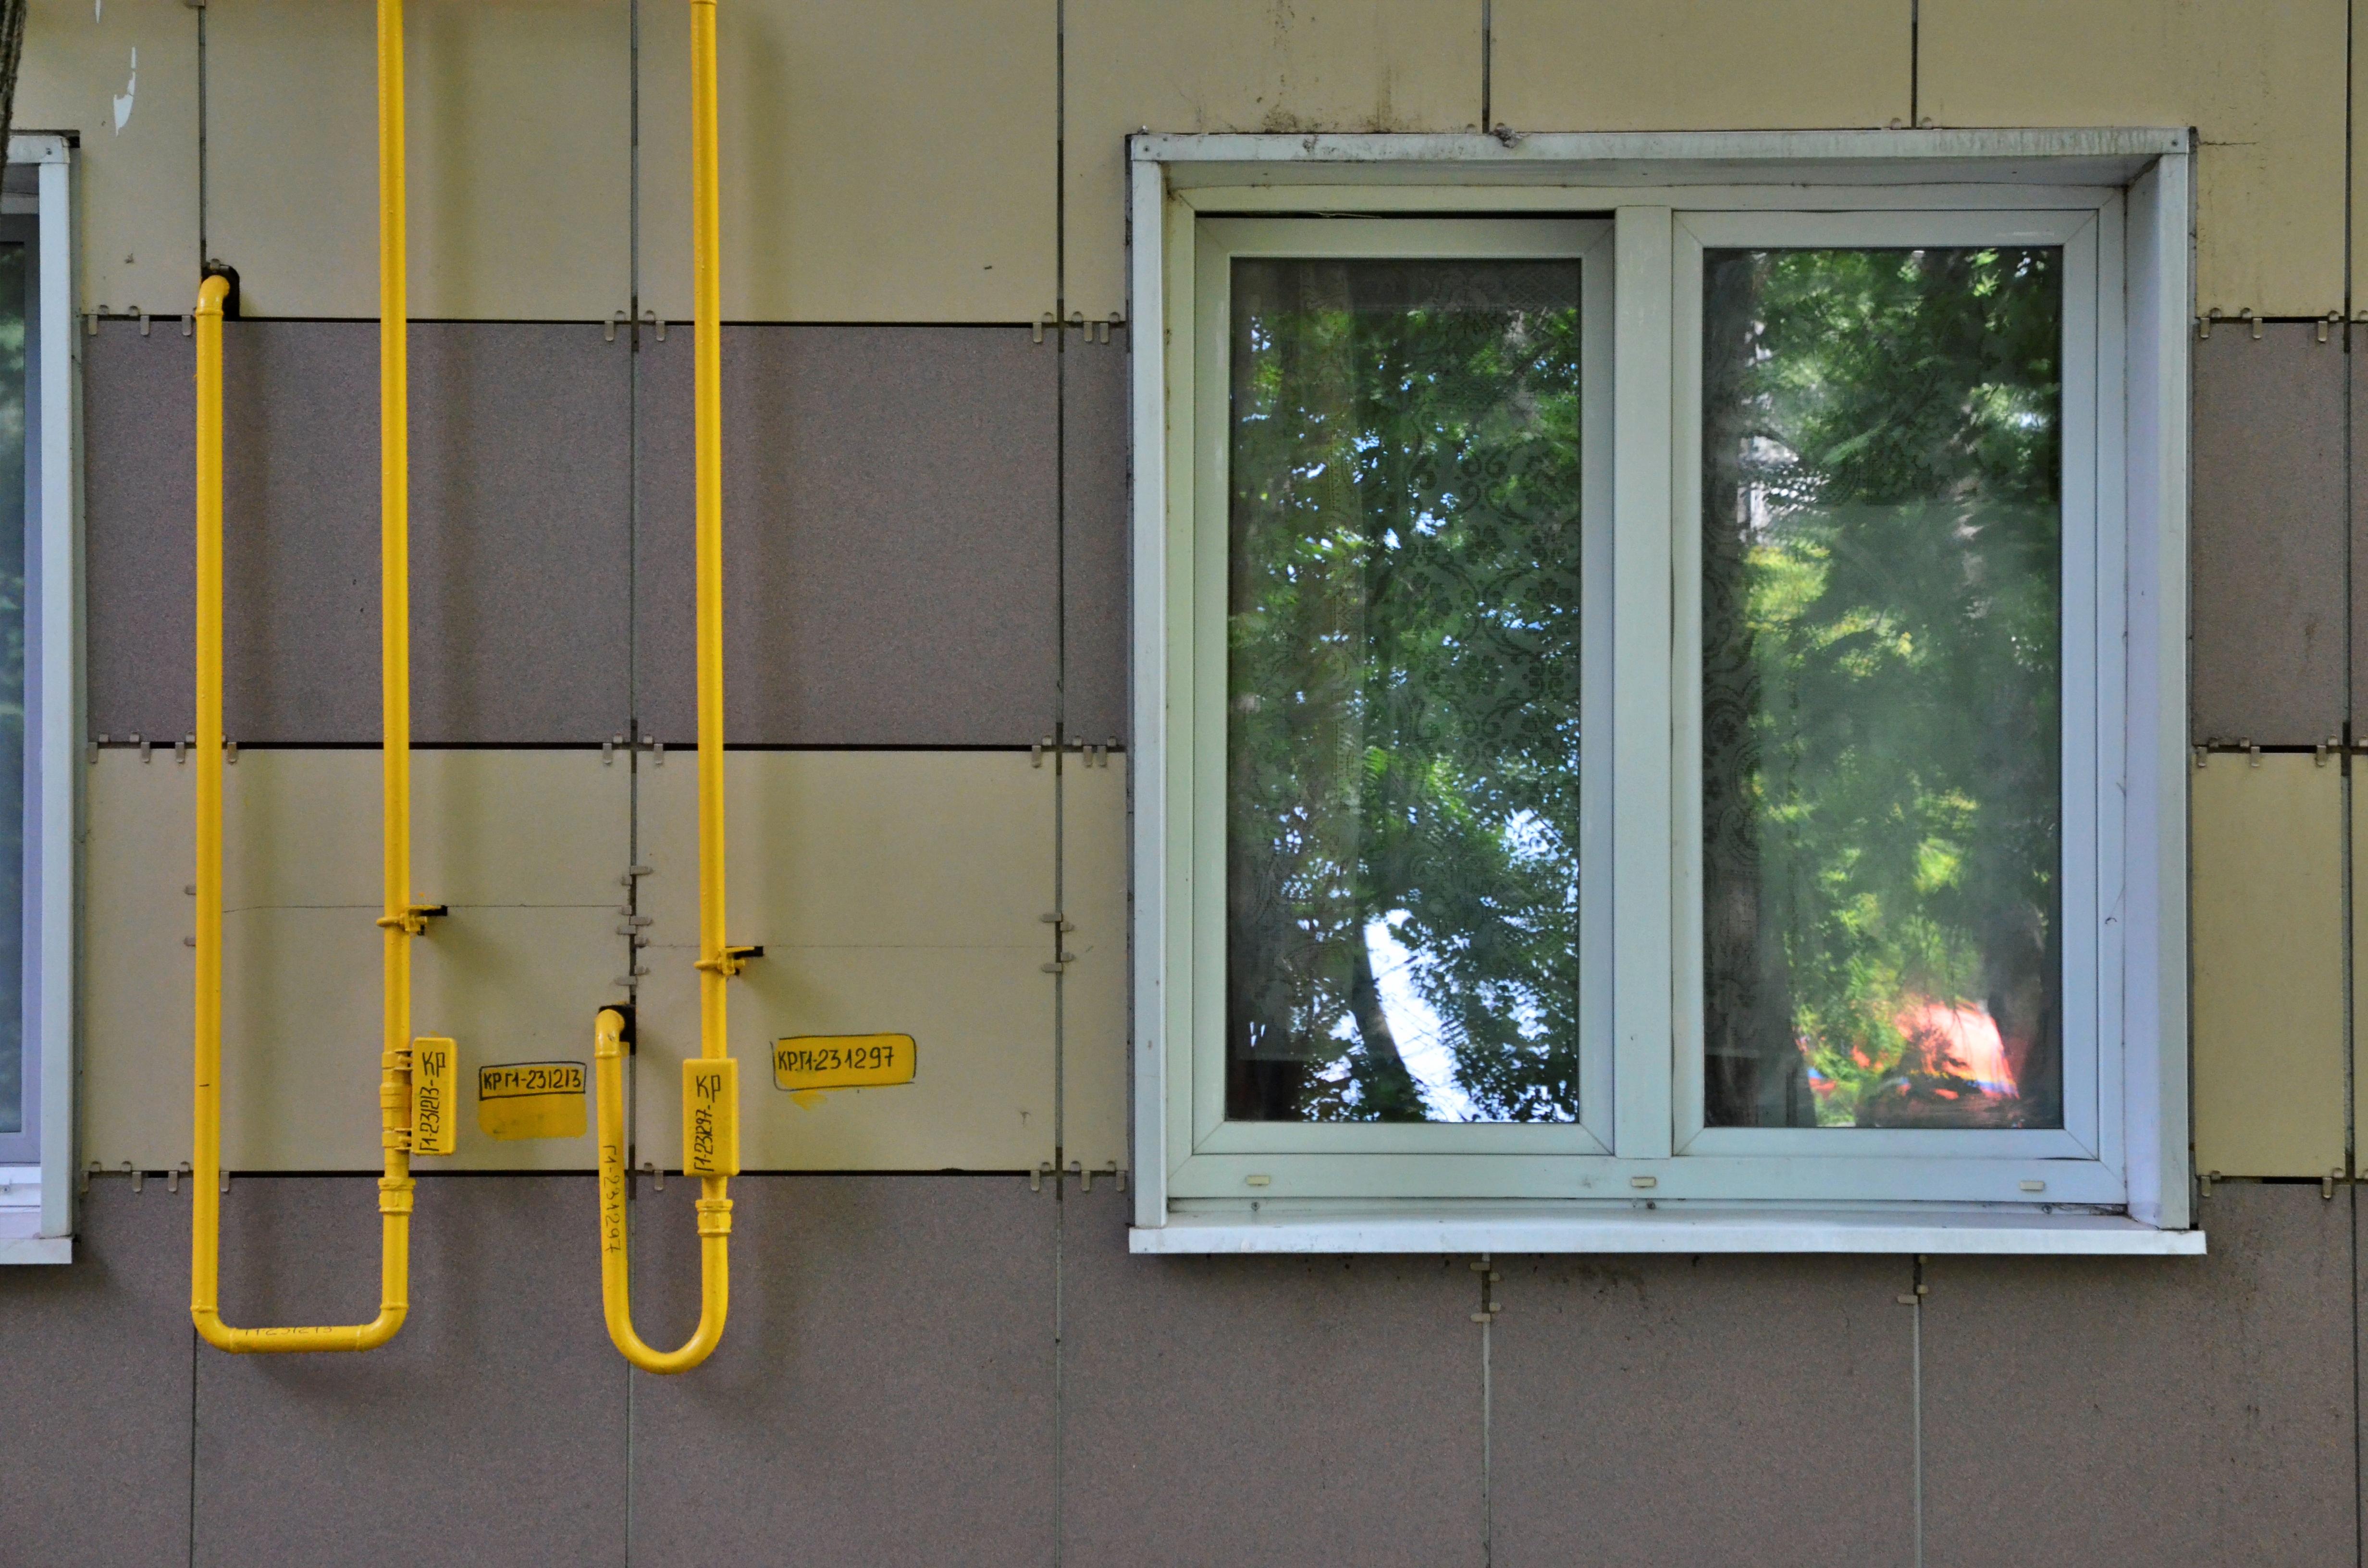 Капитальный ремонт ранее приостановили в связи с распространением COVID-19. Фото: Анна Быкова